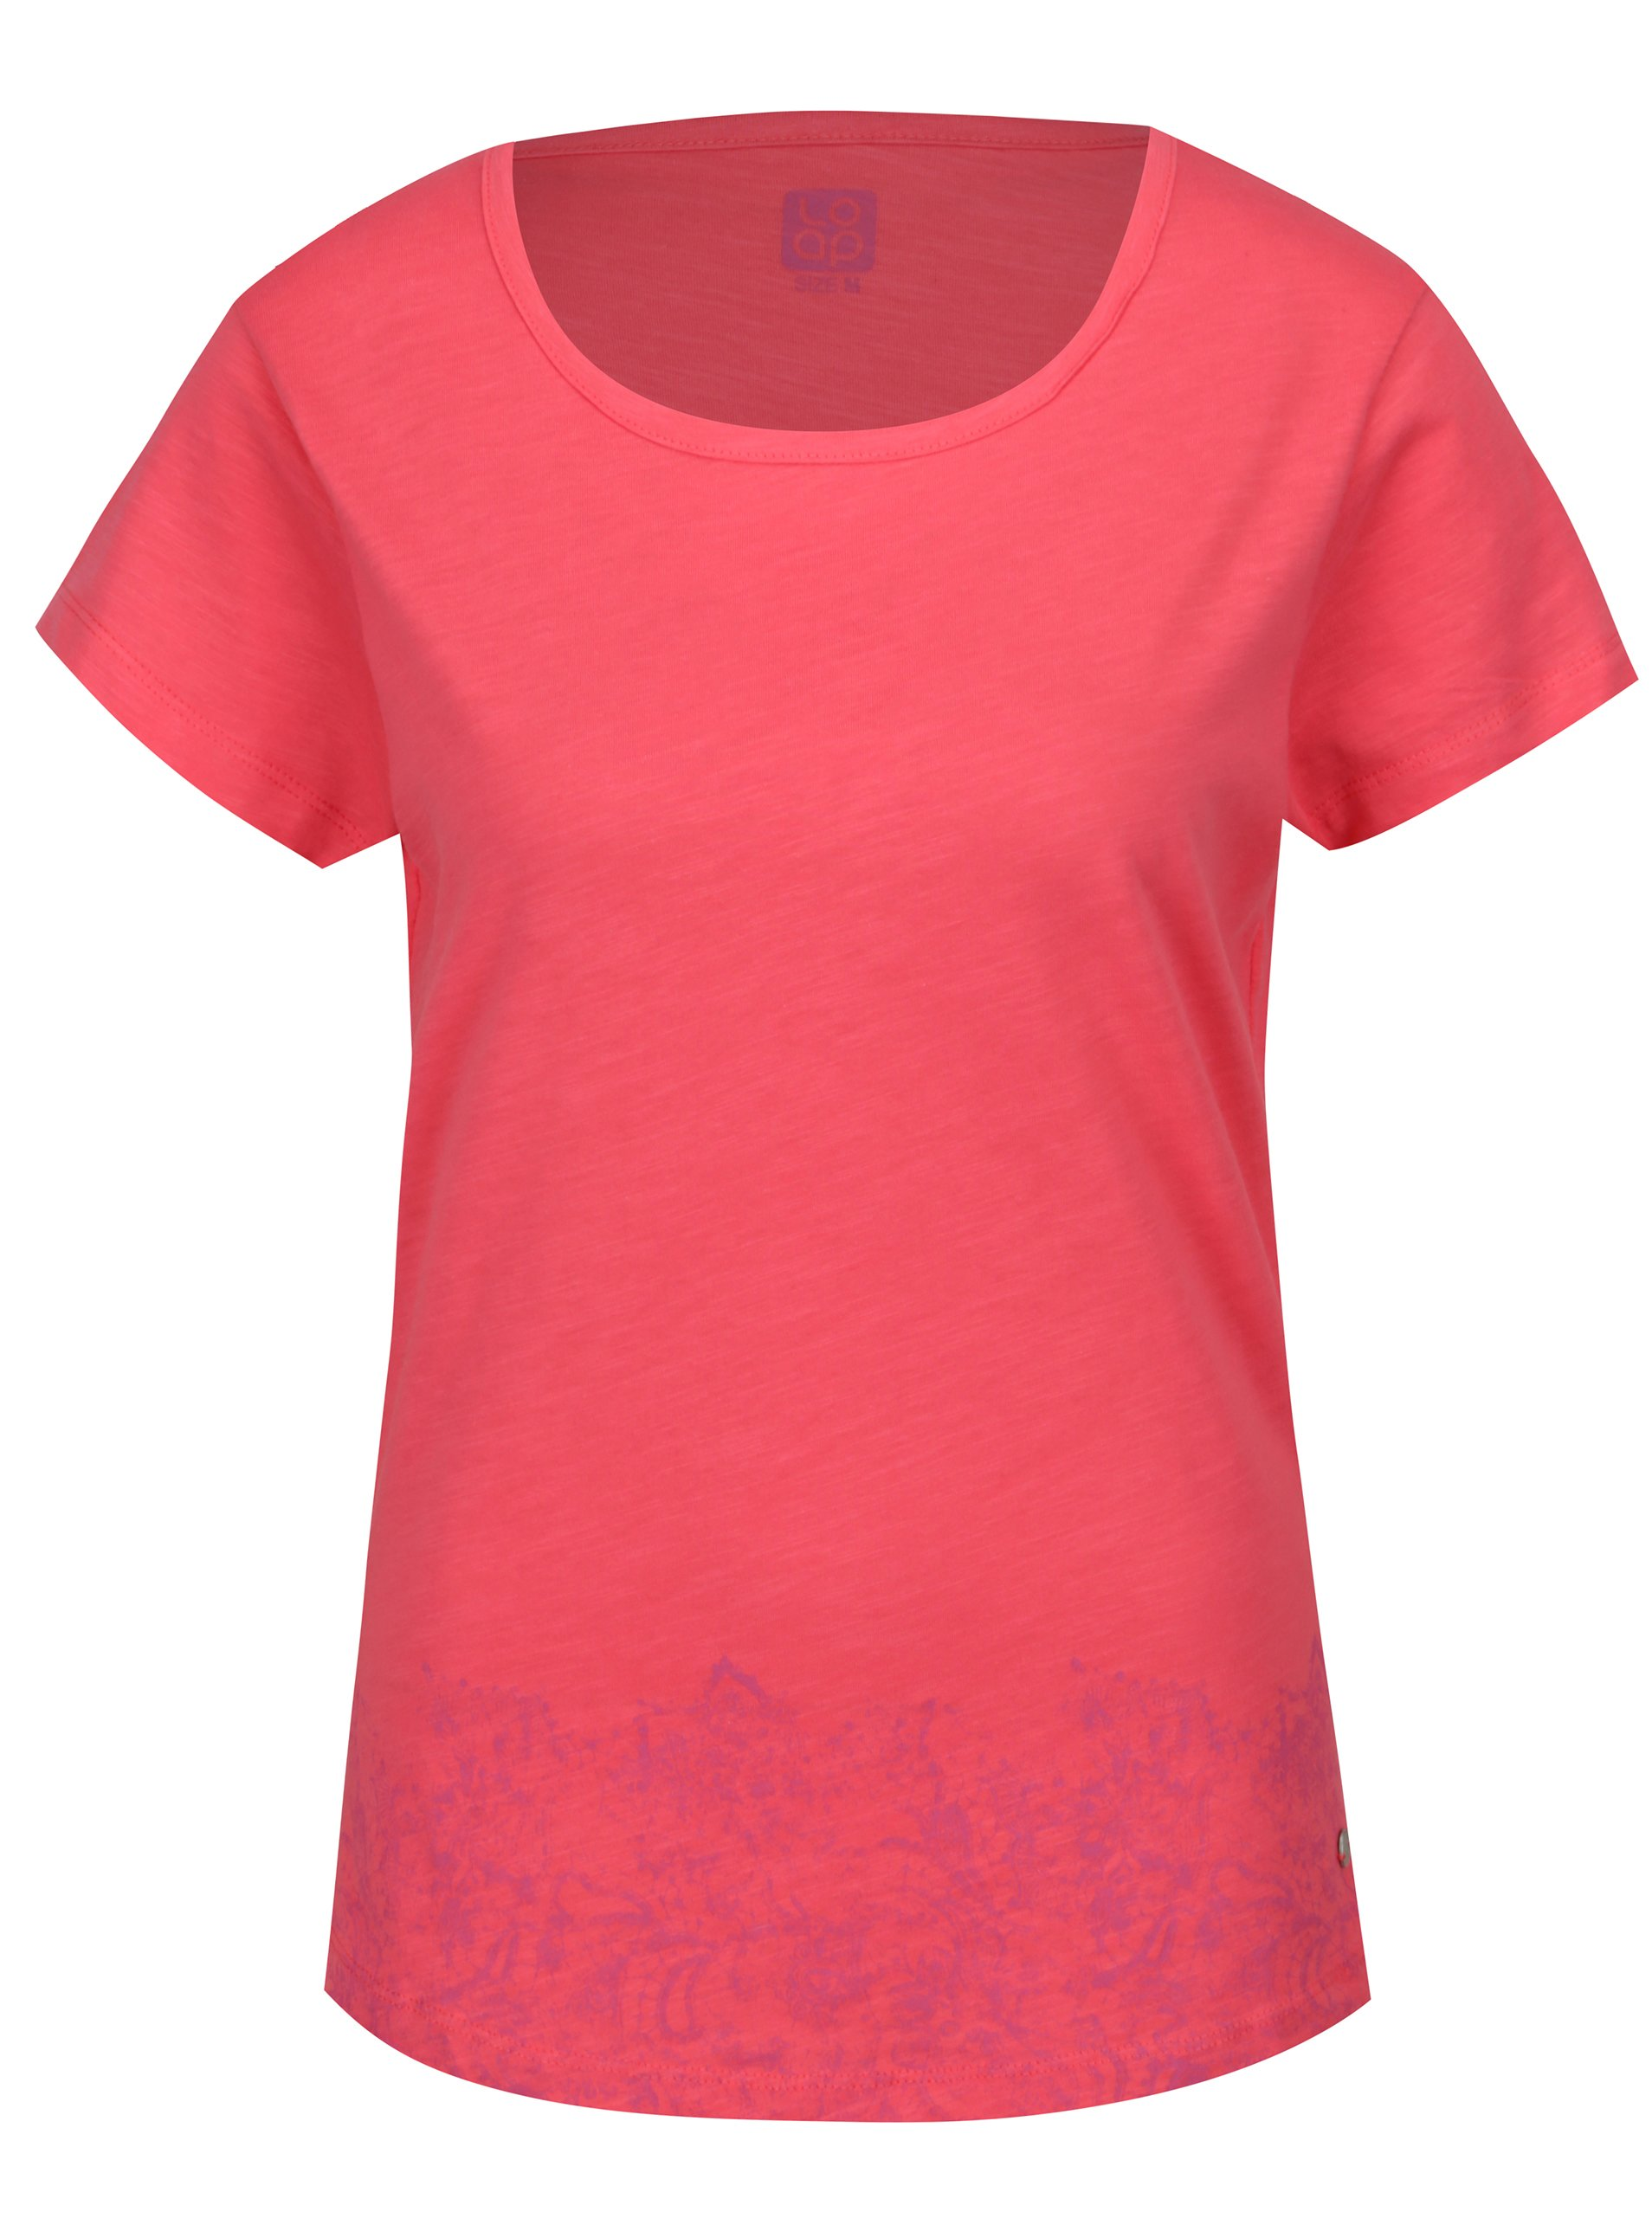 Fotografie Růžové dámské tričko s kulatým výstřihem a potiskem LOAP Balisey